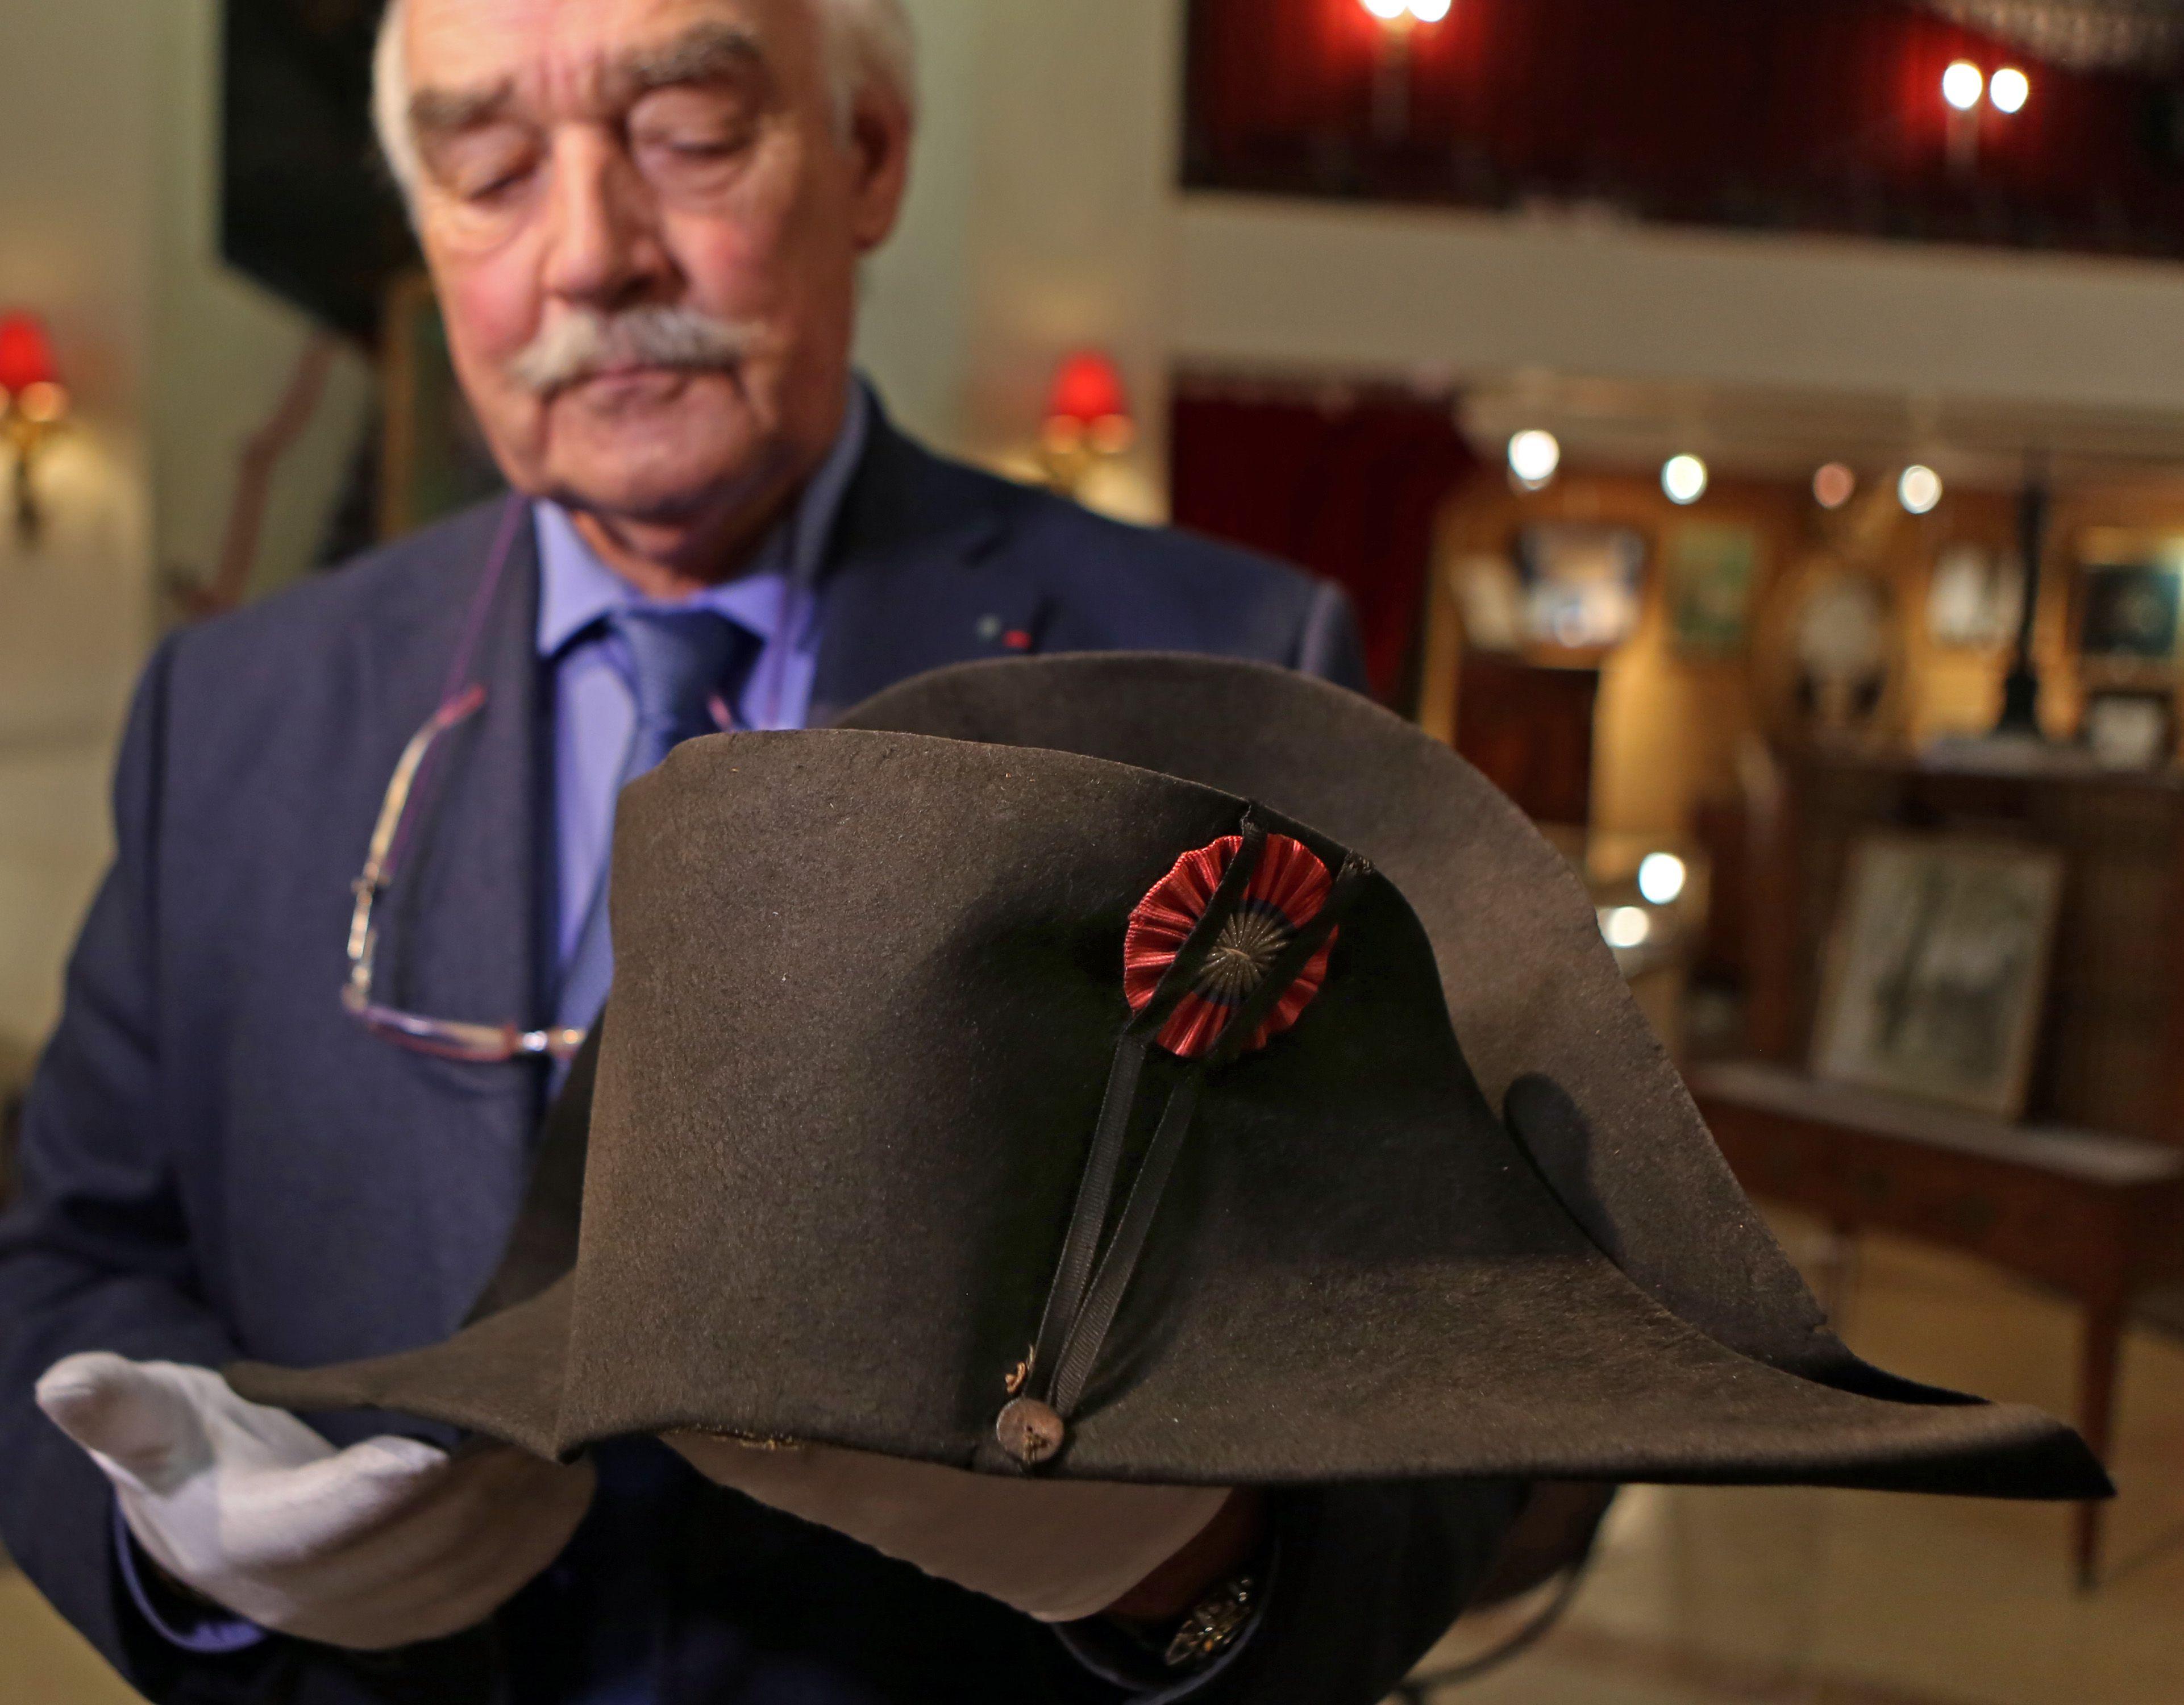 mode de luxe choisir officiel sortie d'usine Napoleon's chapeau goes up for bid - The Boston Globe